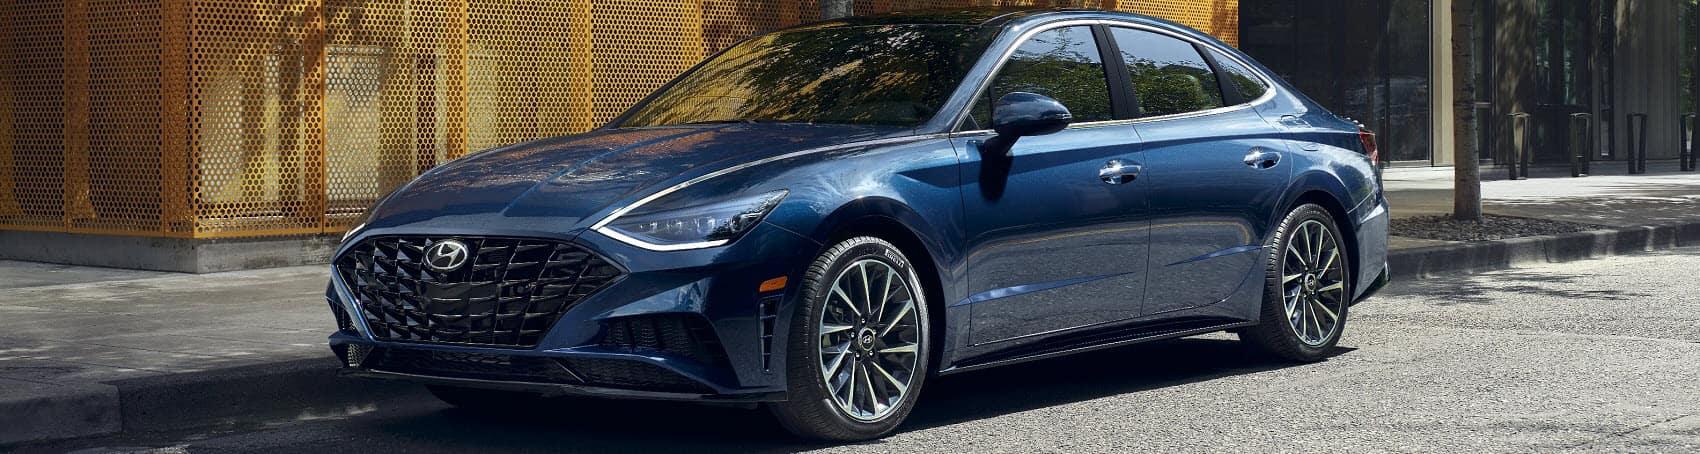 2020 Hyundai Sonata MPG